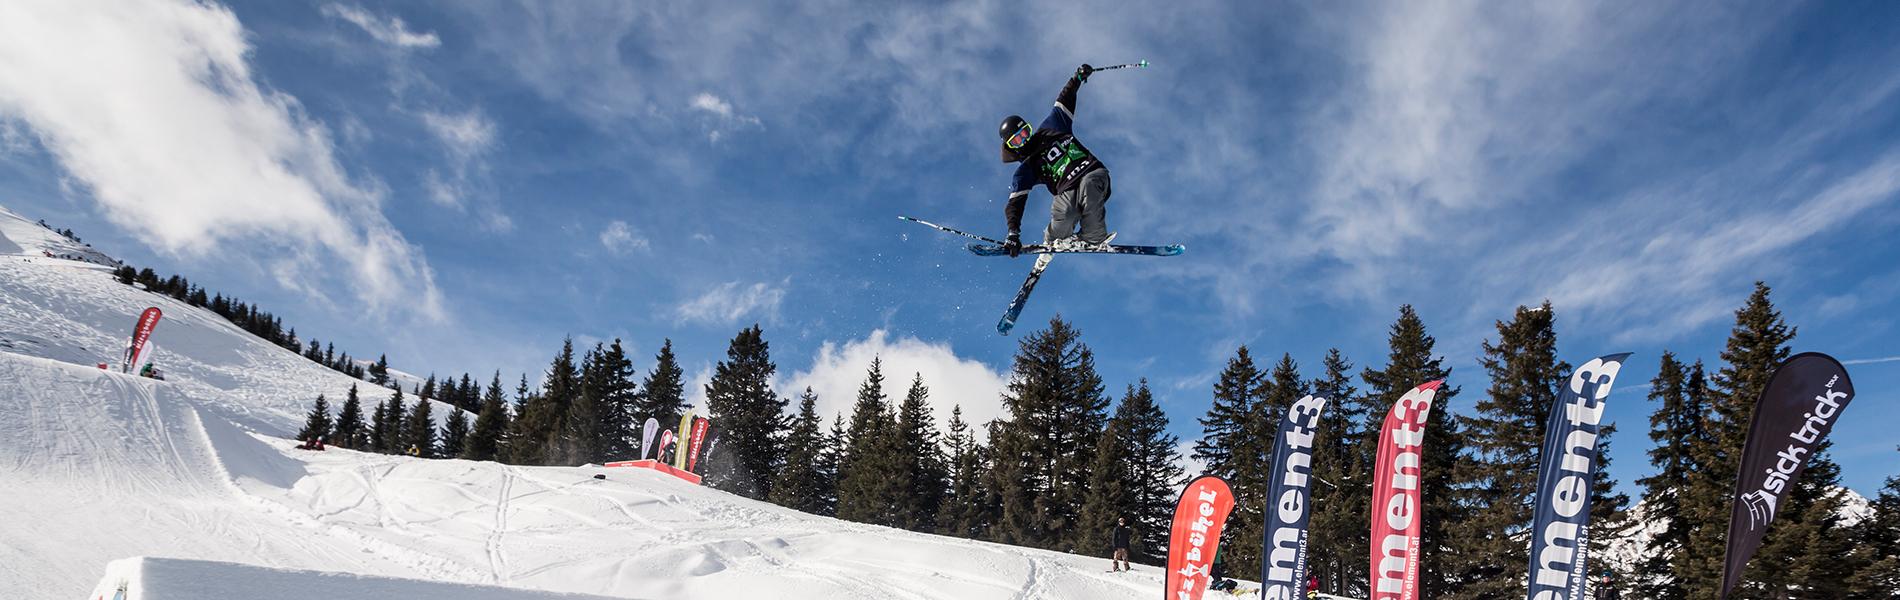 Sick Trick Tour Open 2016: Heiße Schlacht im Snowpark Kitzbühel